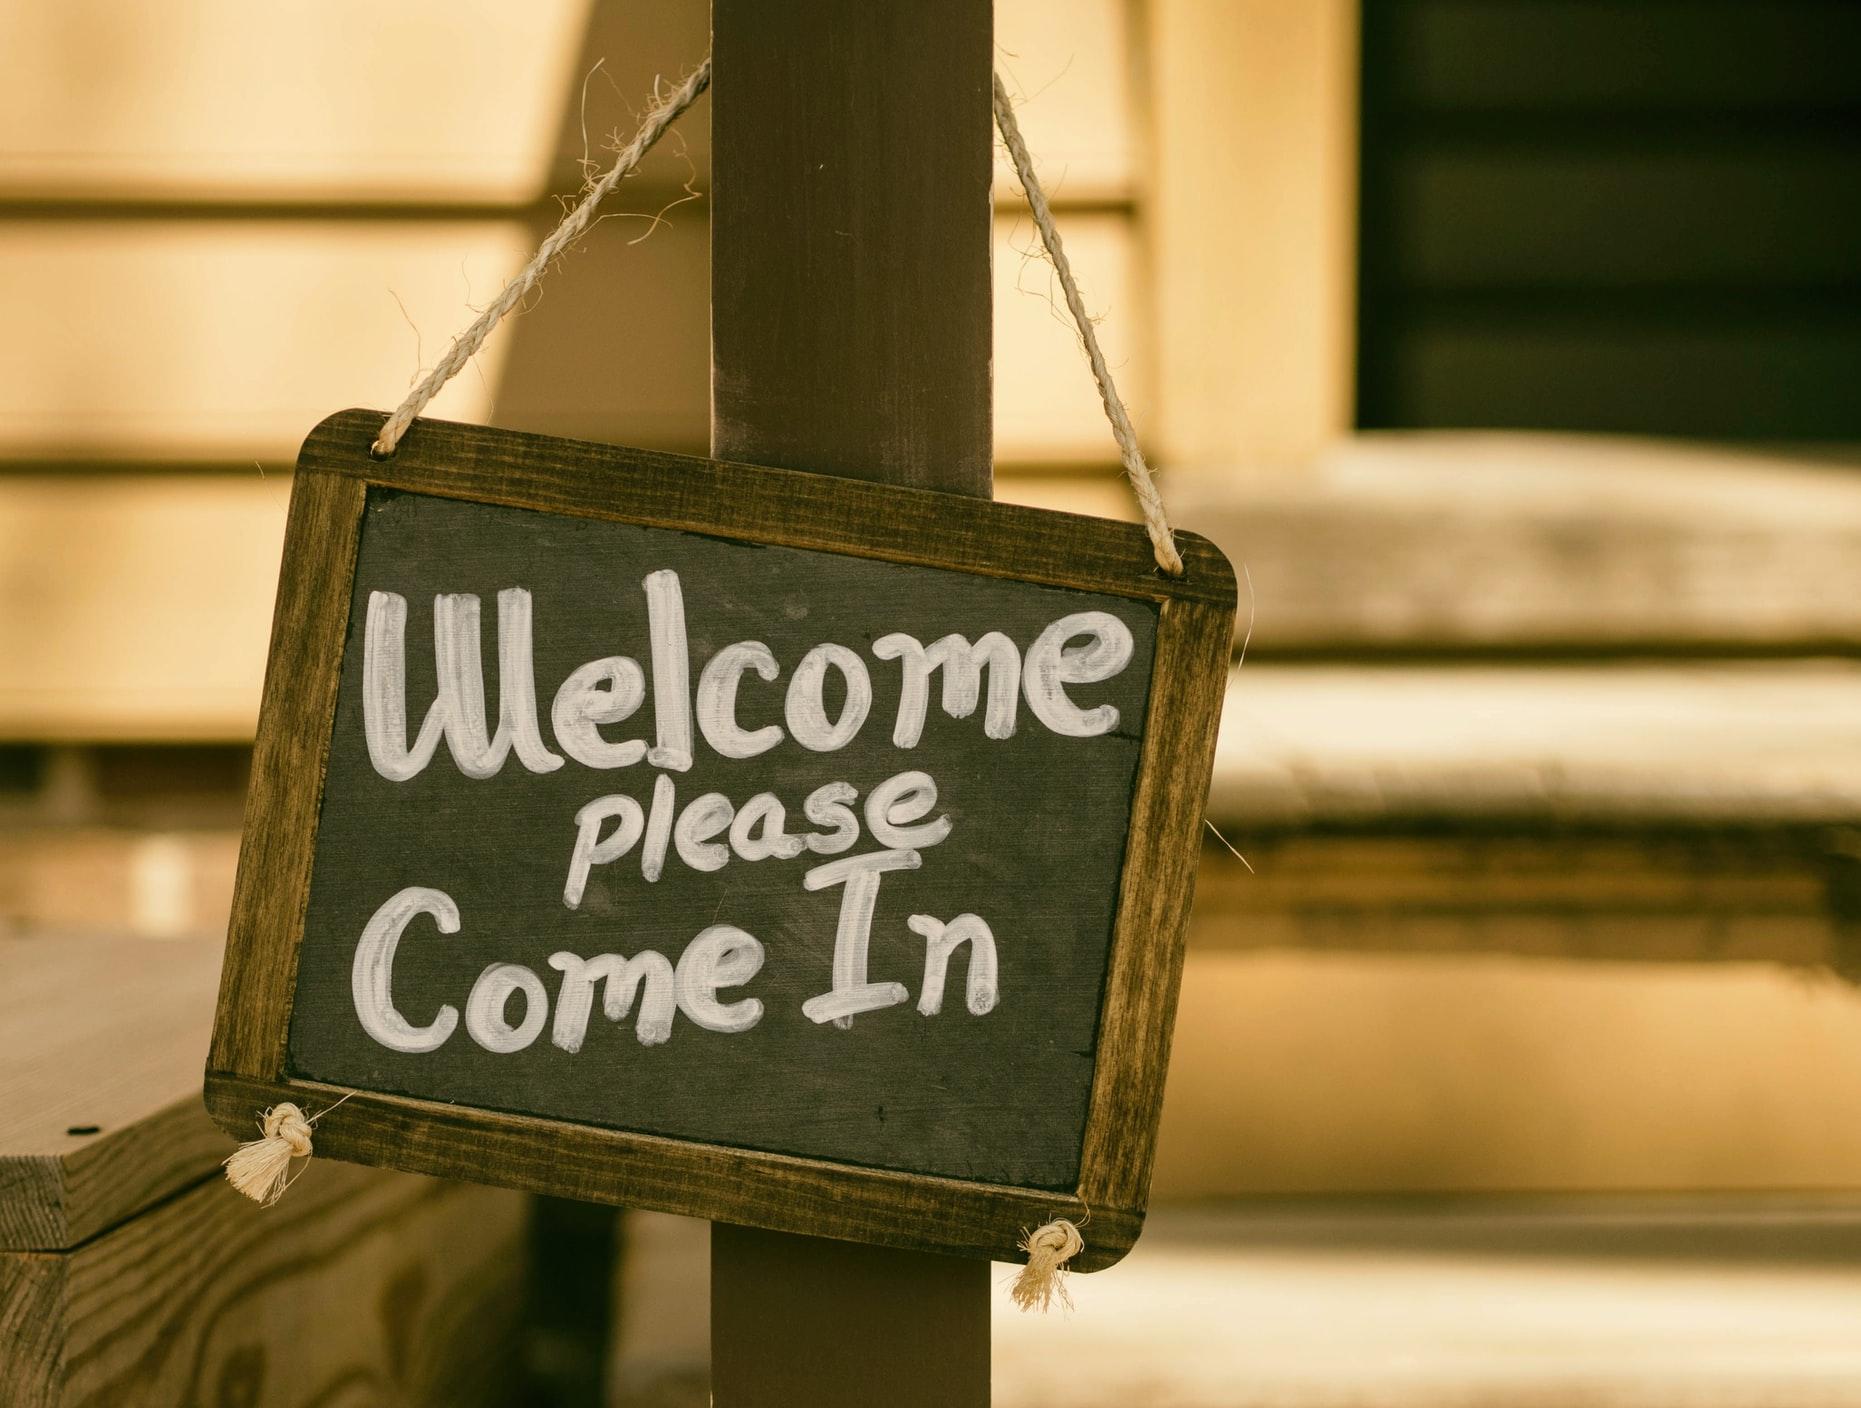 【飲食店接客マニュアルの9ステップ】1「お出迎え」でお客様の不安を取り除く